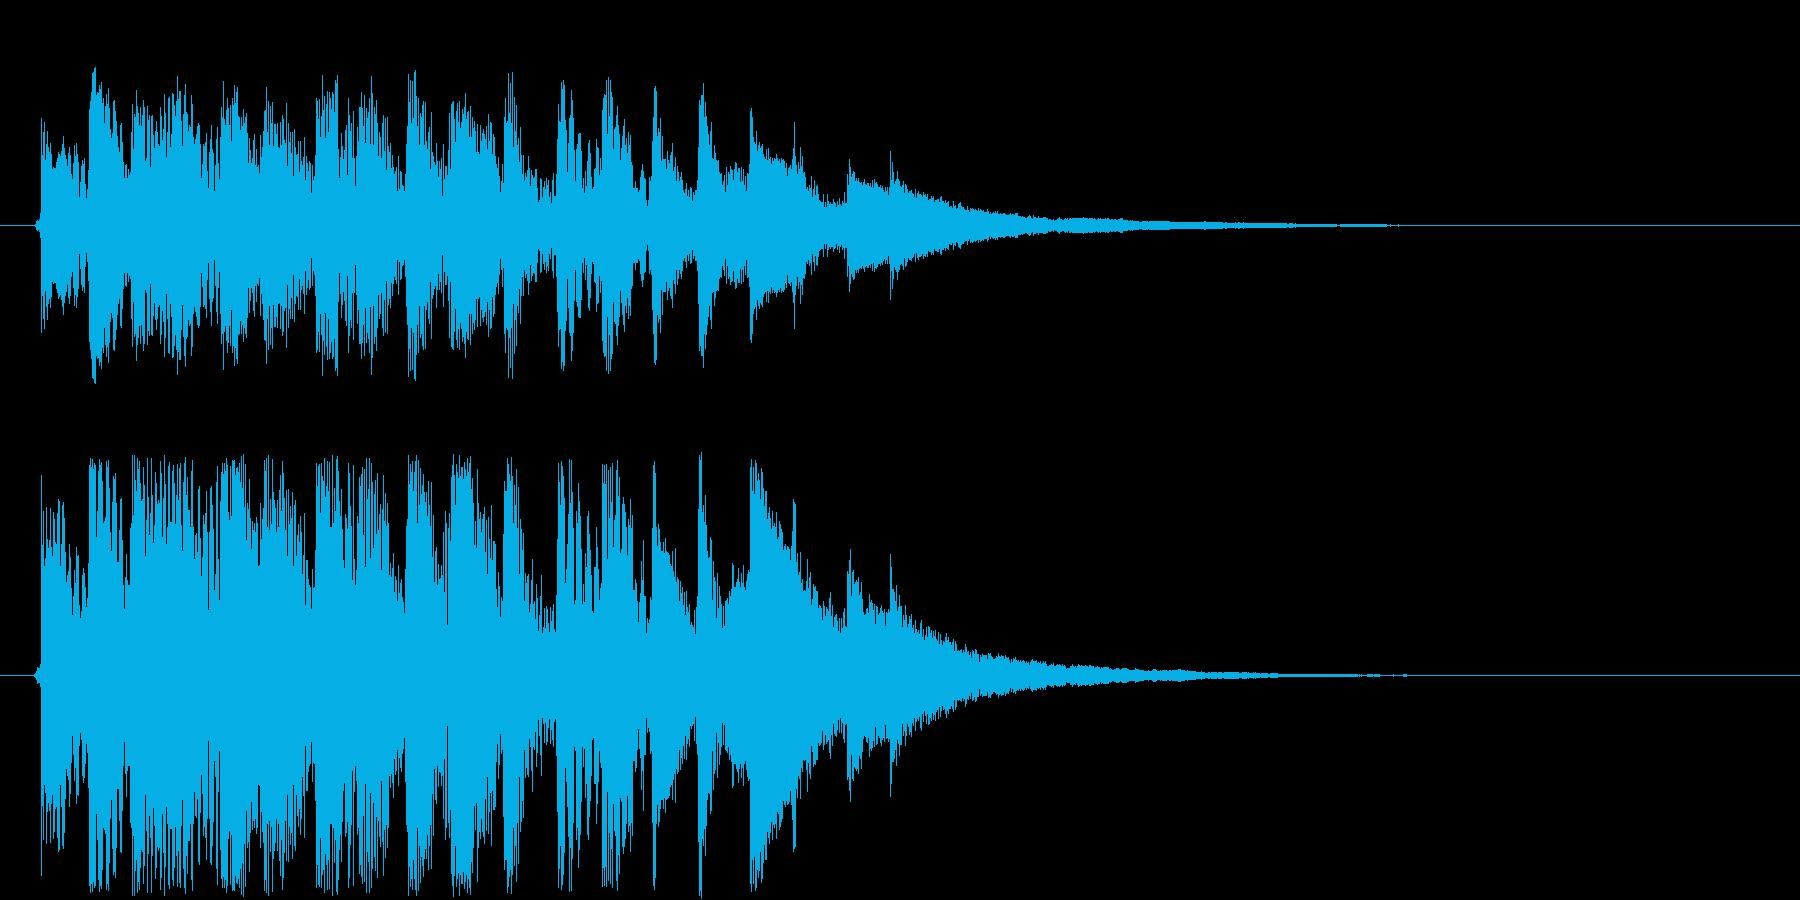 フレクサトーンの再生済みの波形